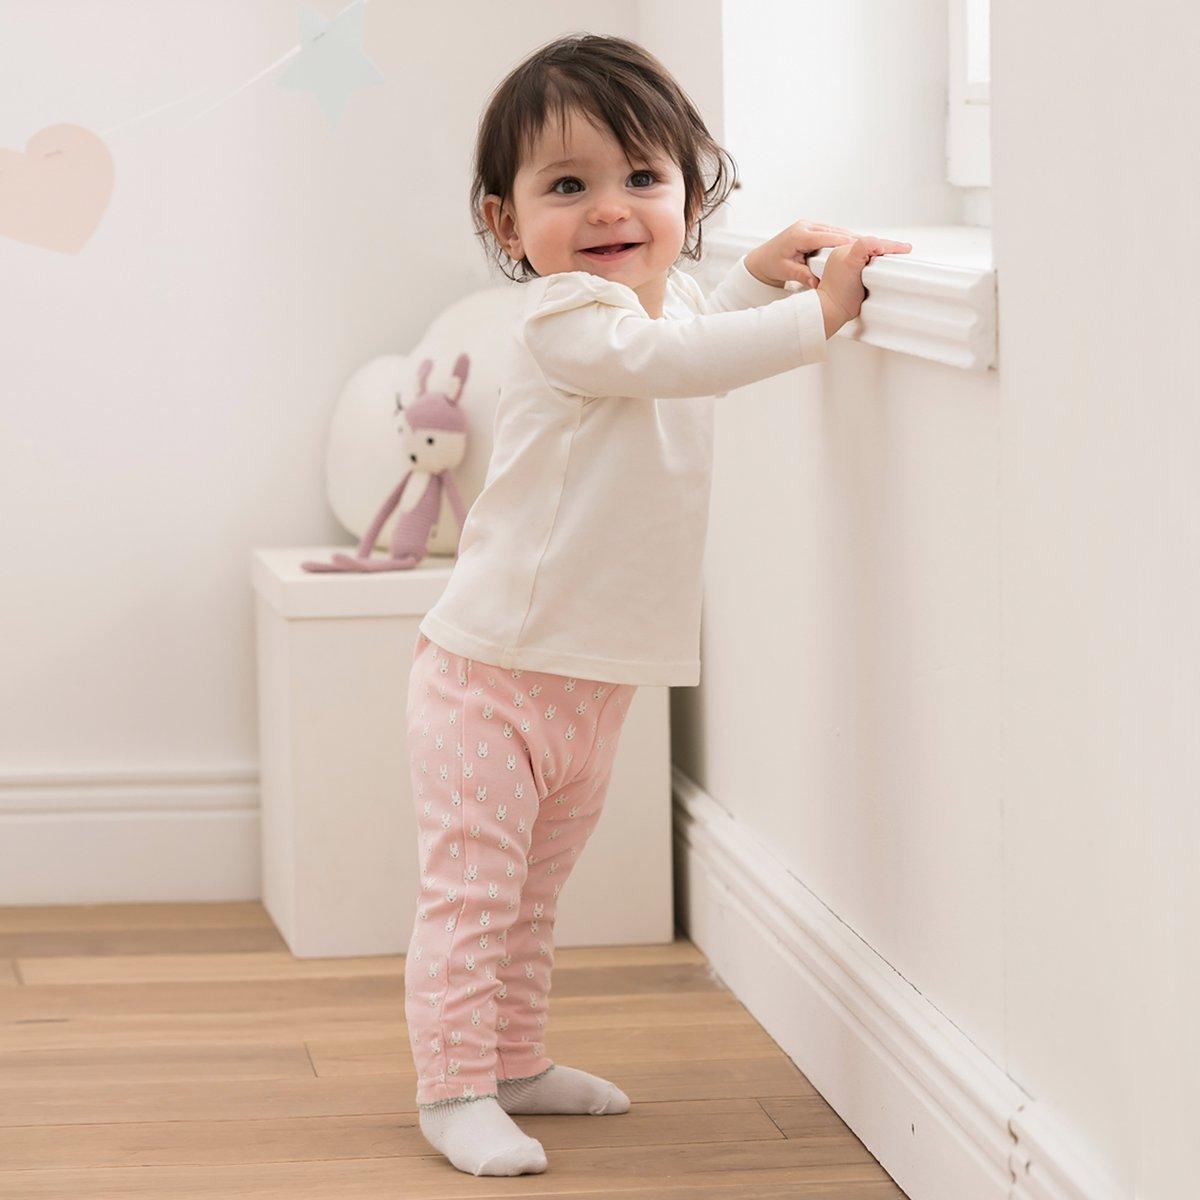 /Öko-Tex zertifiziert- Jogginghose f/ür Babys//Neugeborene//M/ädchen Farbe: gr/ün rosa mit Druckkn/öpfen Baumwolle BORNINO 2er Pack Leggings//Stoffhose